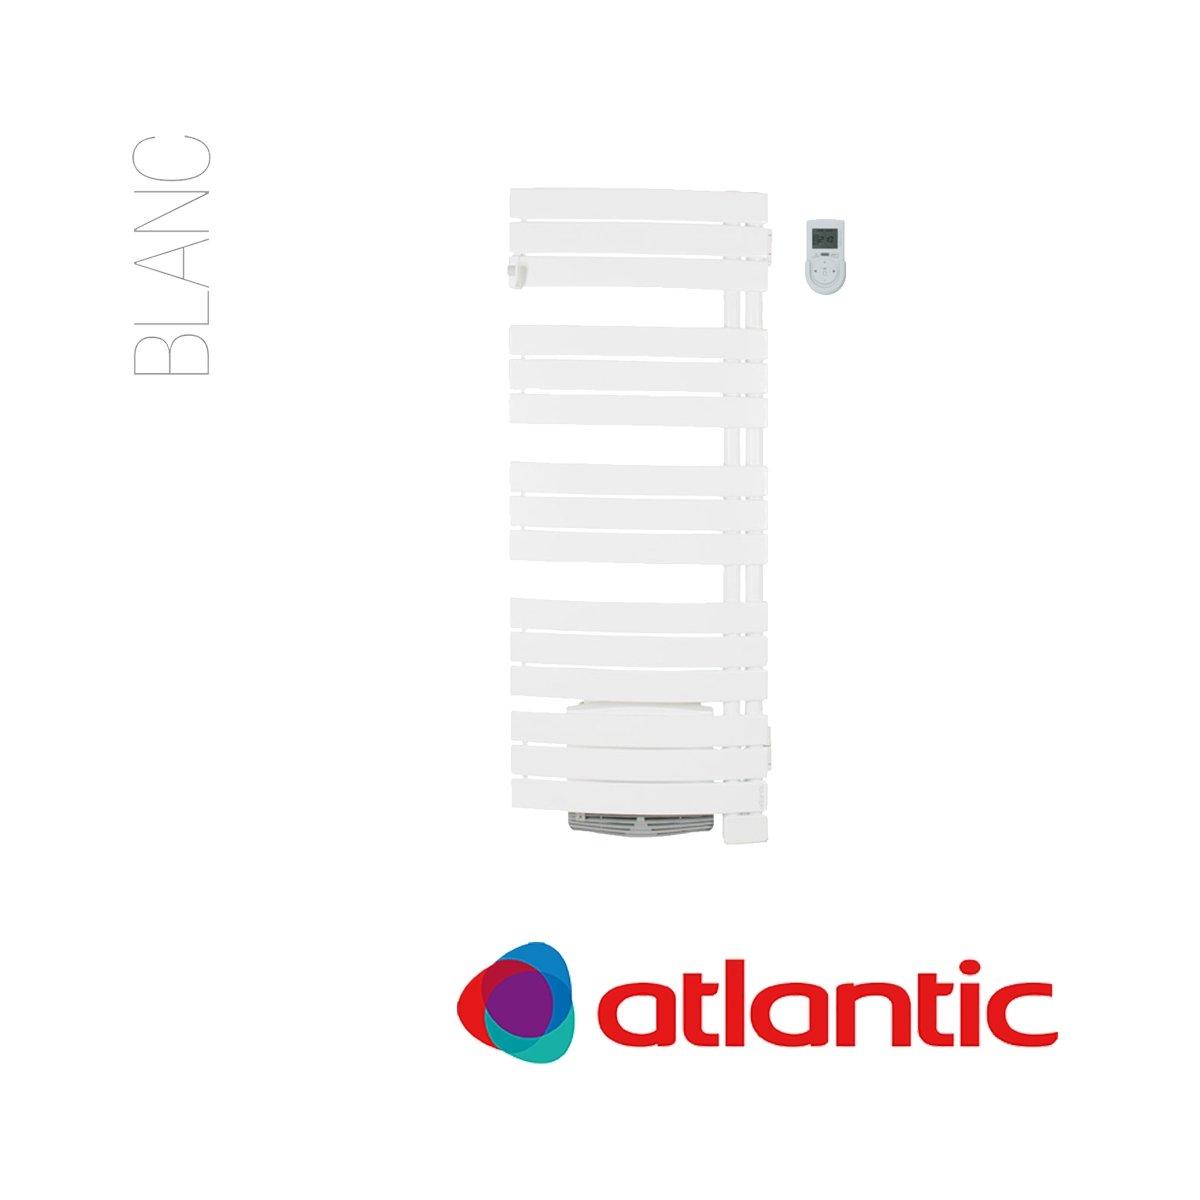 Atlantic Seche Serviette Nefertiti Integral Pivotant Gauche